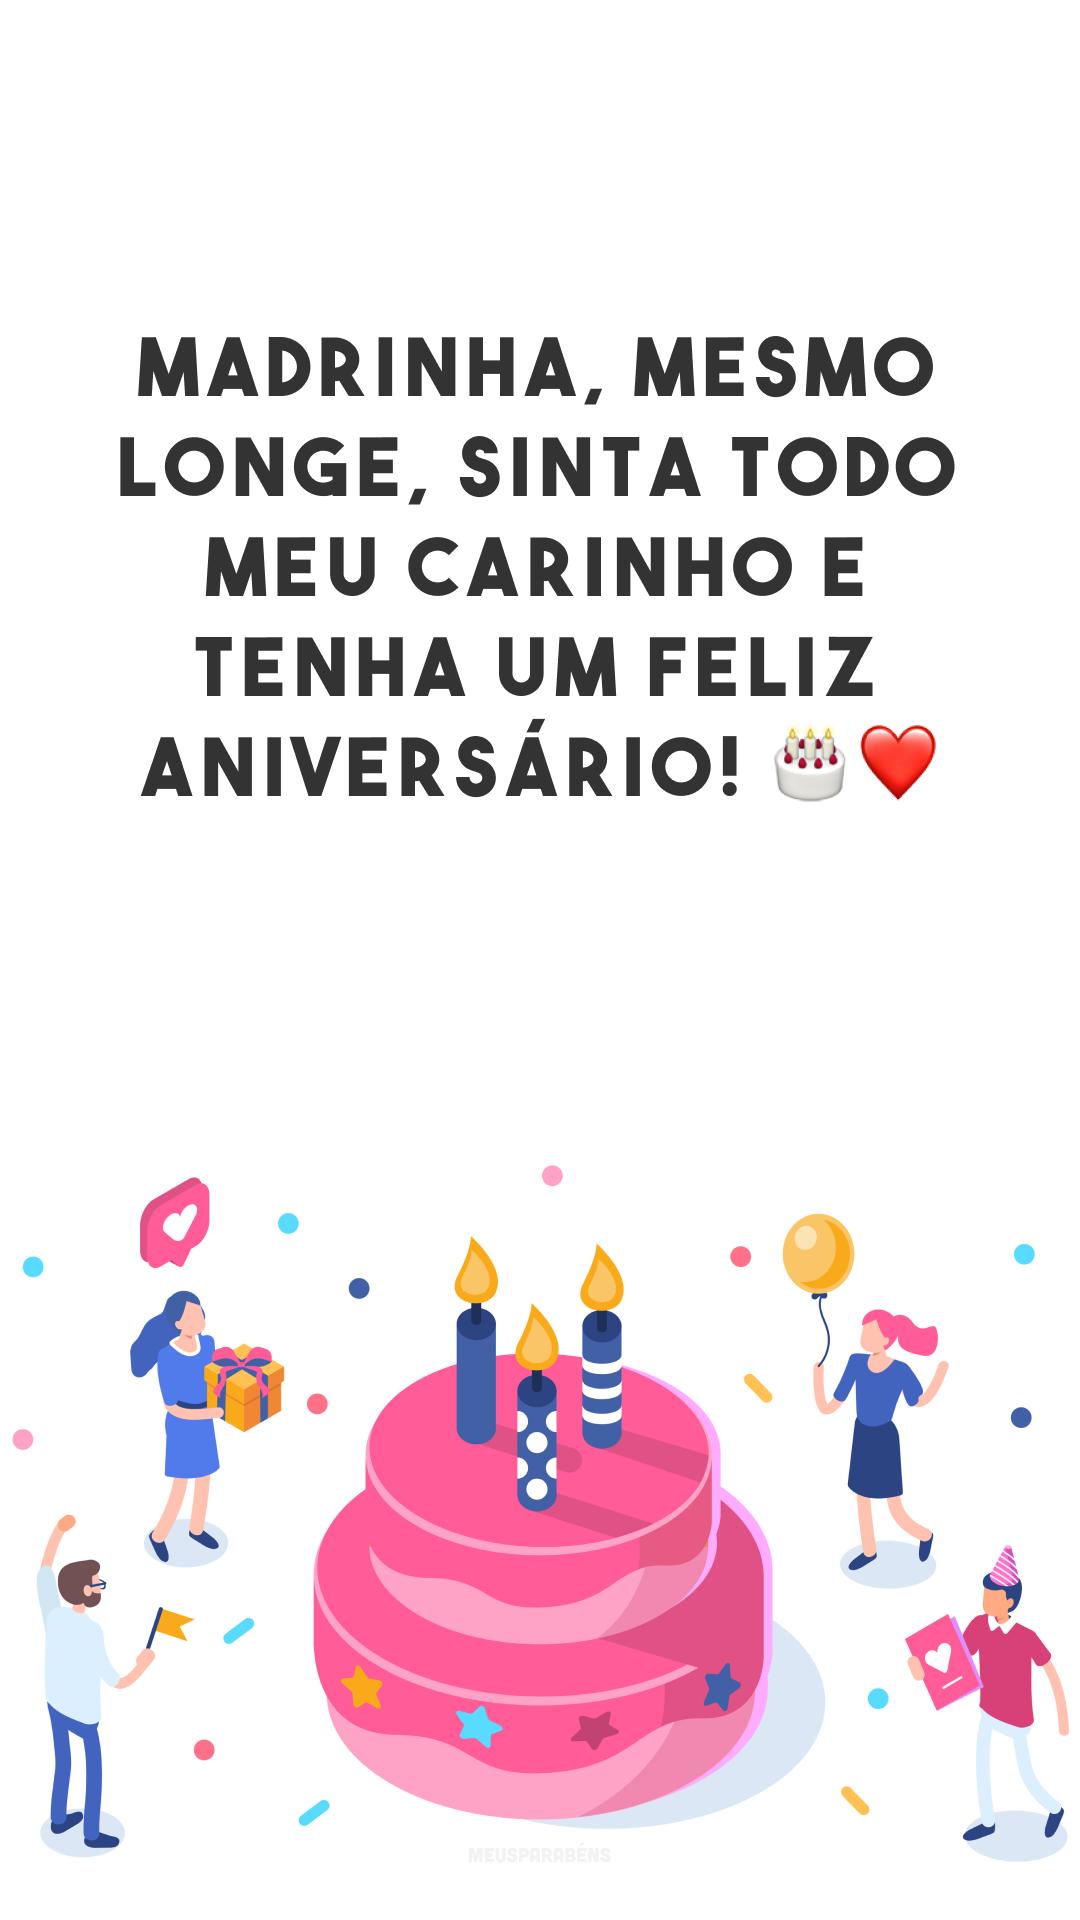 Madrinha, mesmo longe, sinta todo meu carinho e tenha um feliz aniversário! 🎂❤